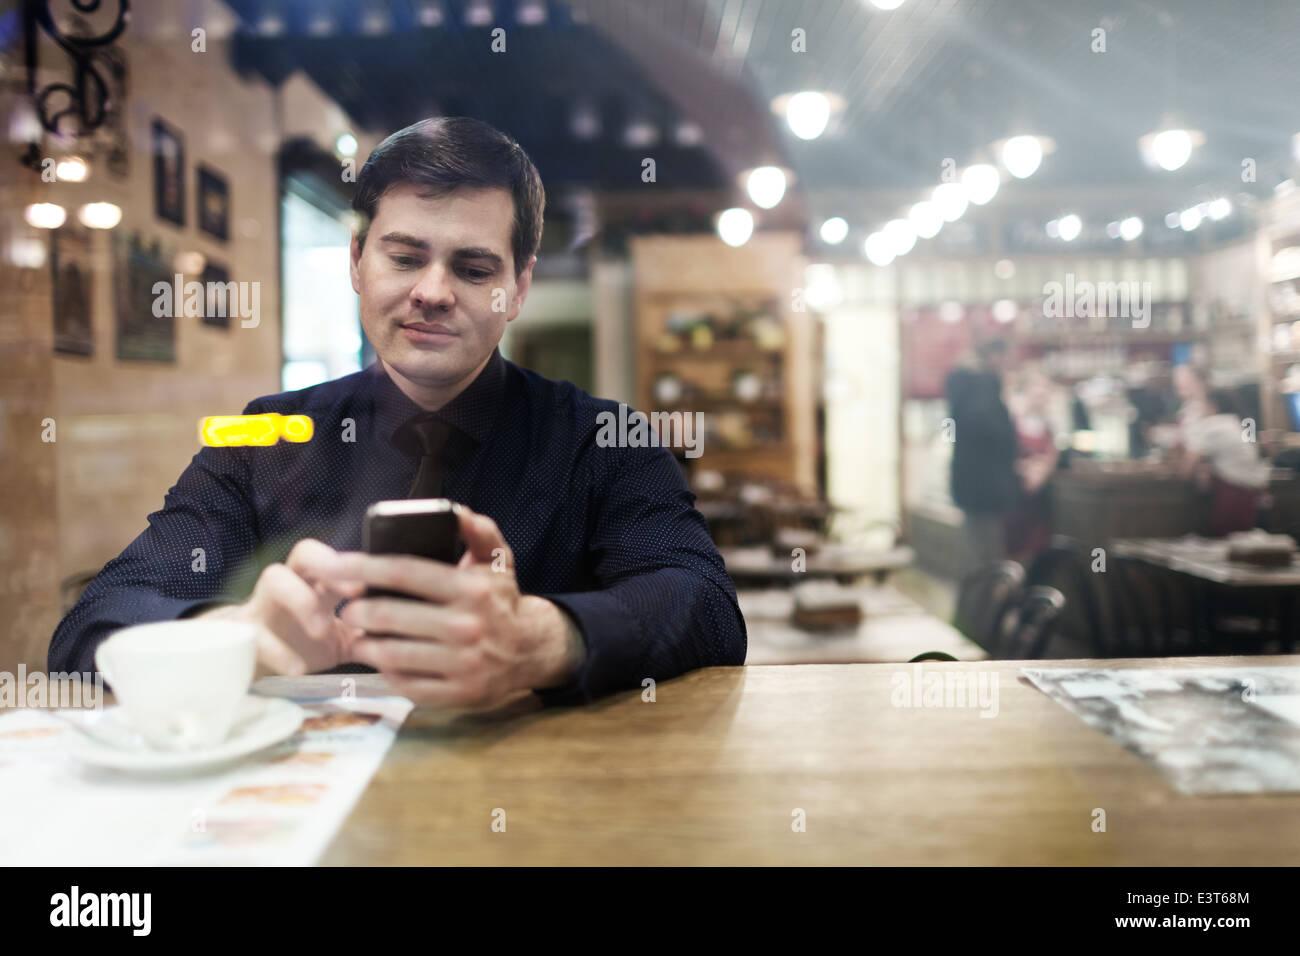 Mann am Tisch mit Telefon Stockbild